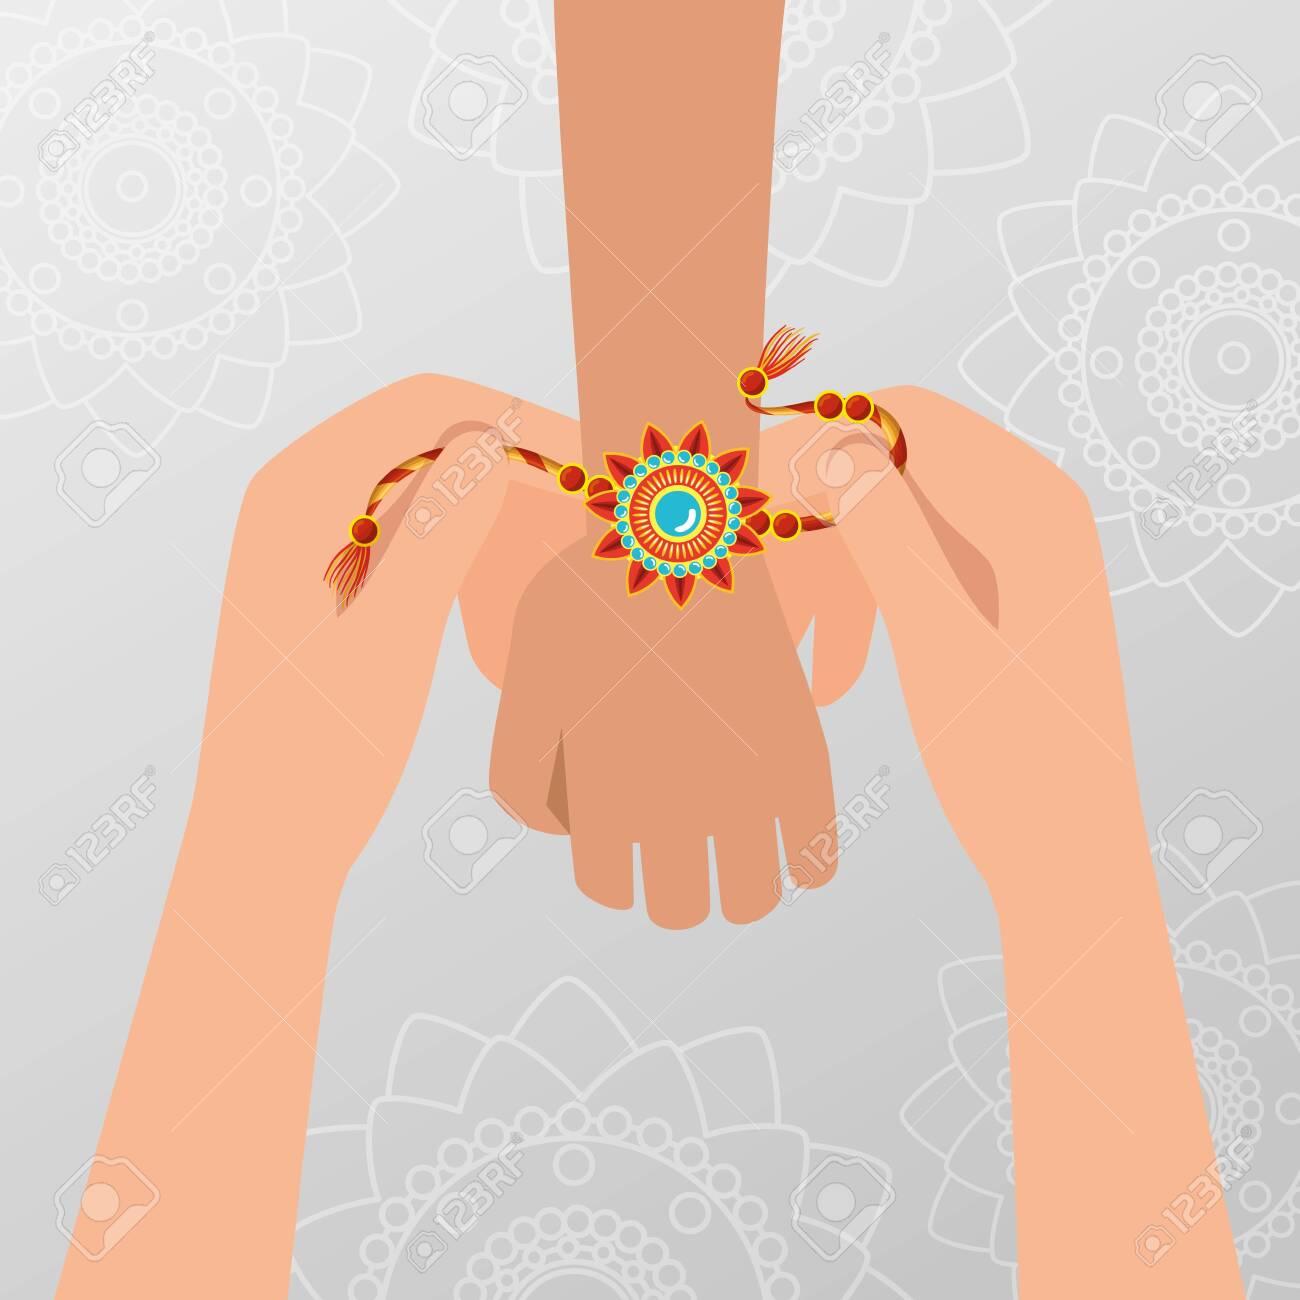 hands with flowers bracelet hindu tradition to raksha bandhan, vector illustration - 129825168